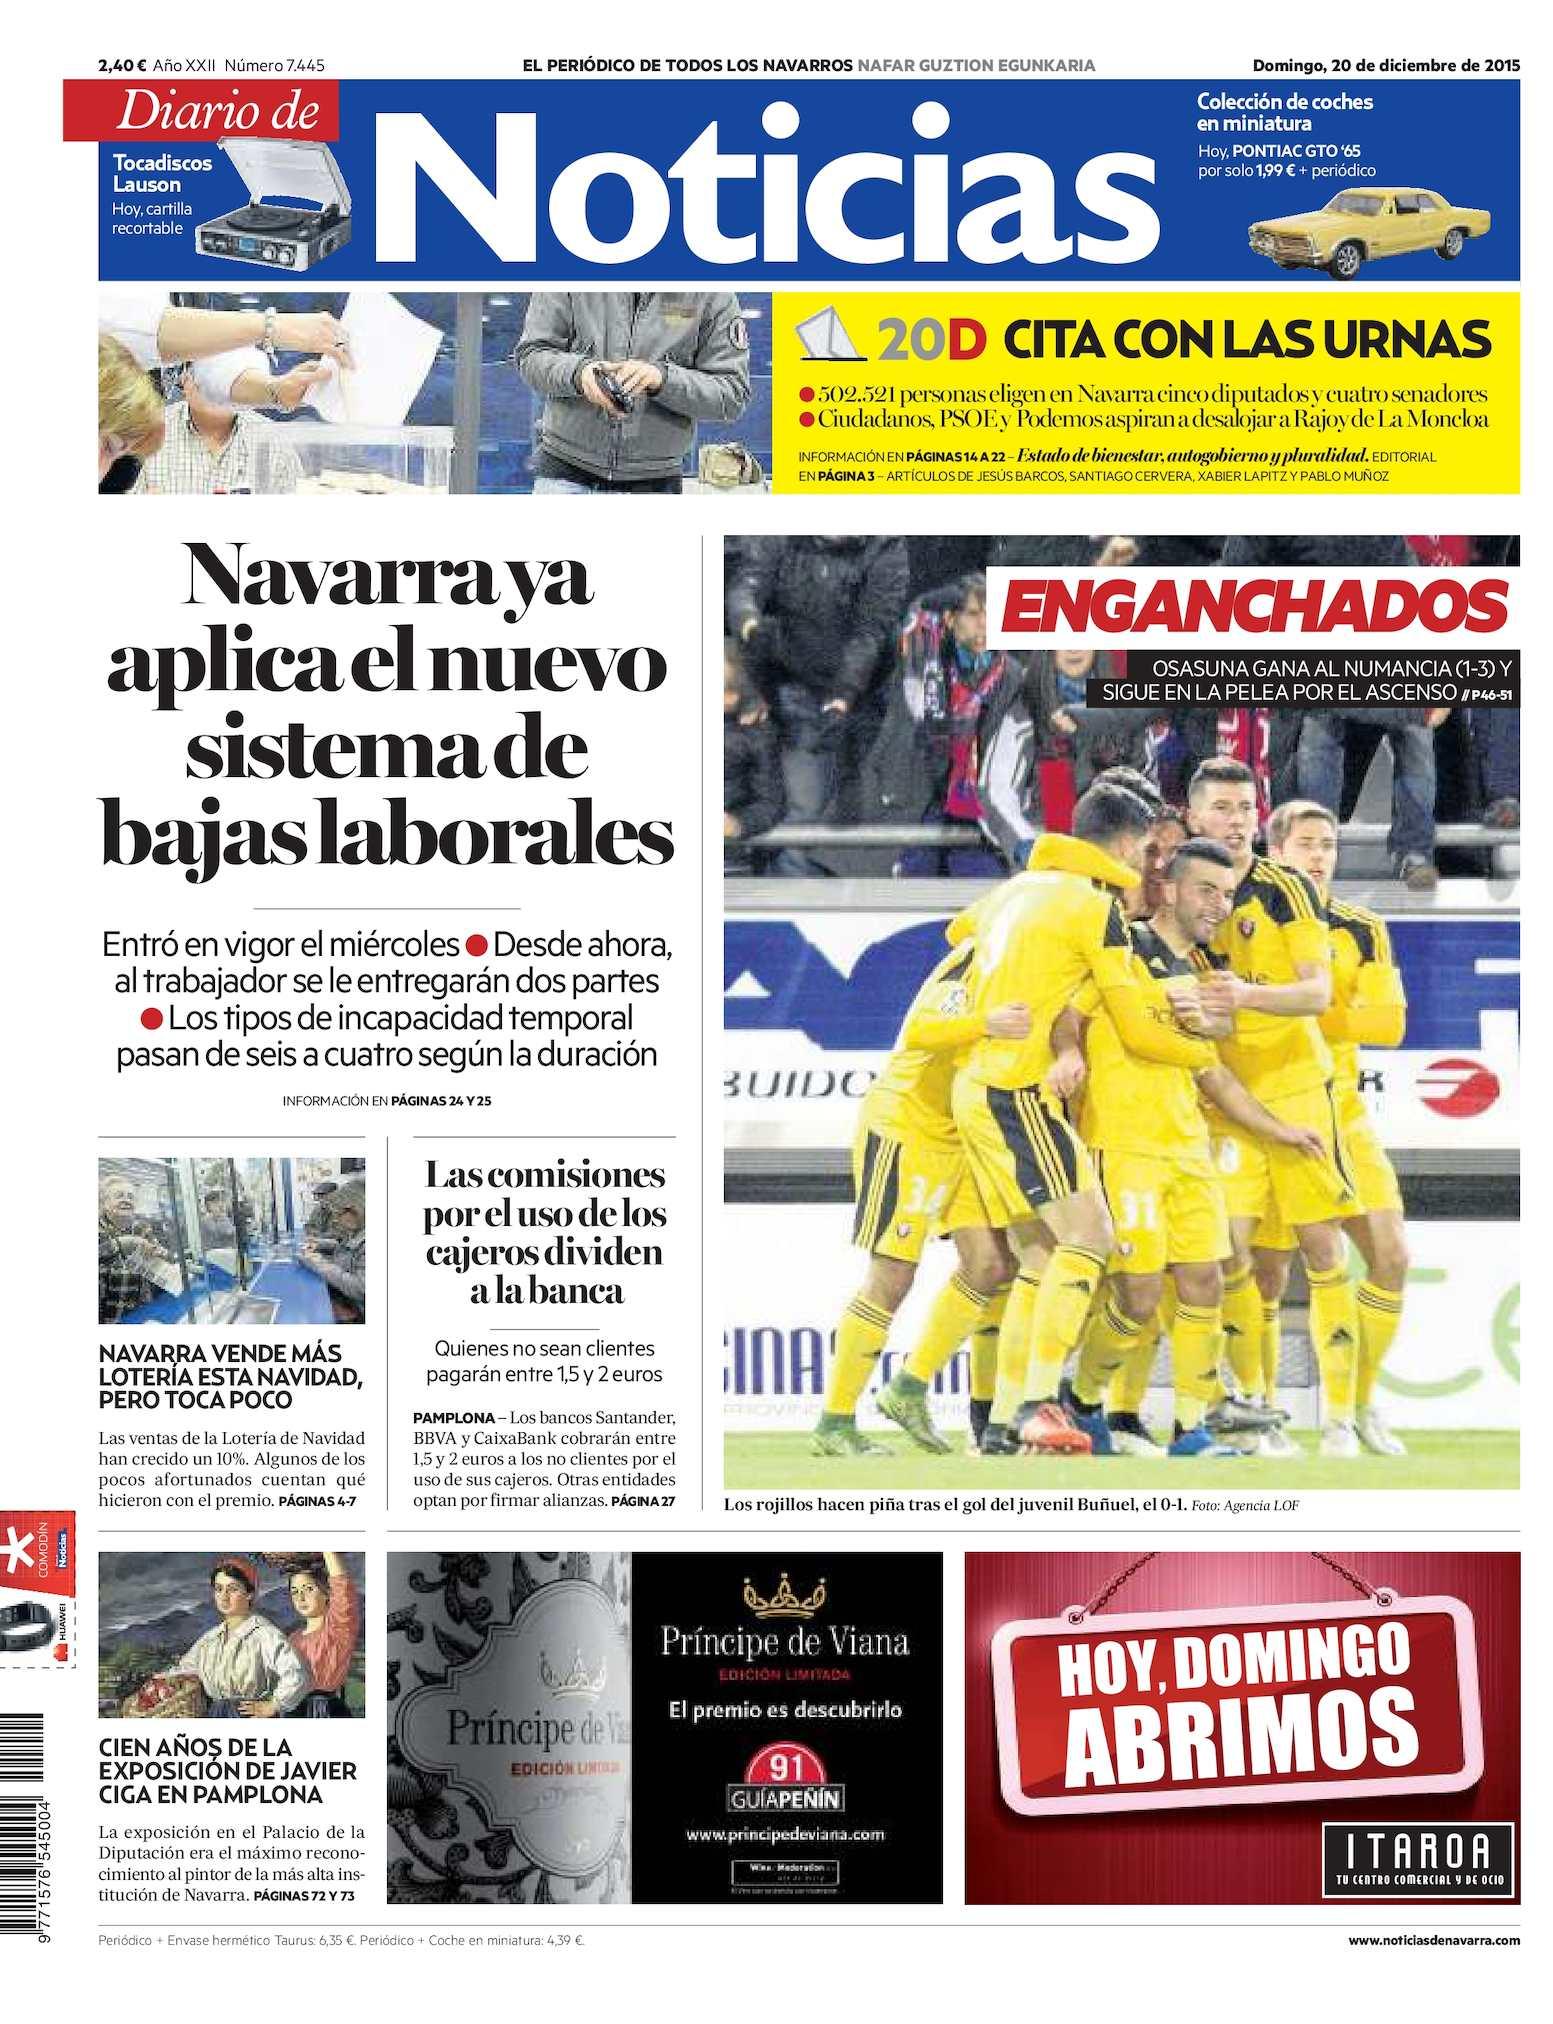 Calaméo - Diario de Noticias 20151220 bf7f916e908fe